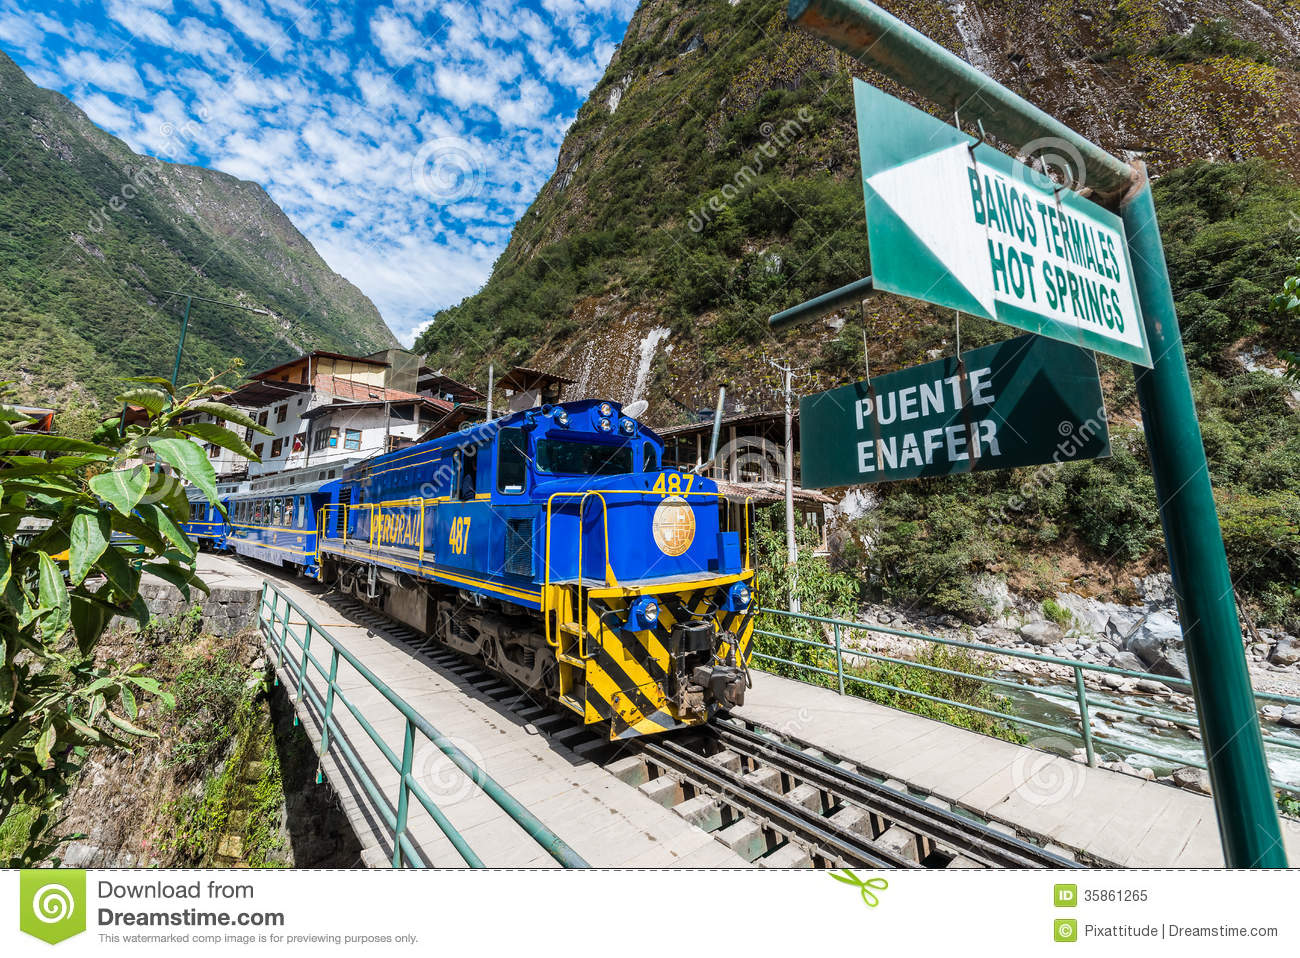 Perurail Train Peruvian Andes Cuzco Peru Editorial Image.